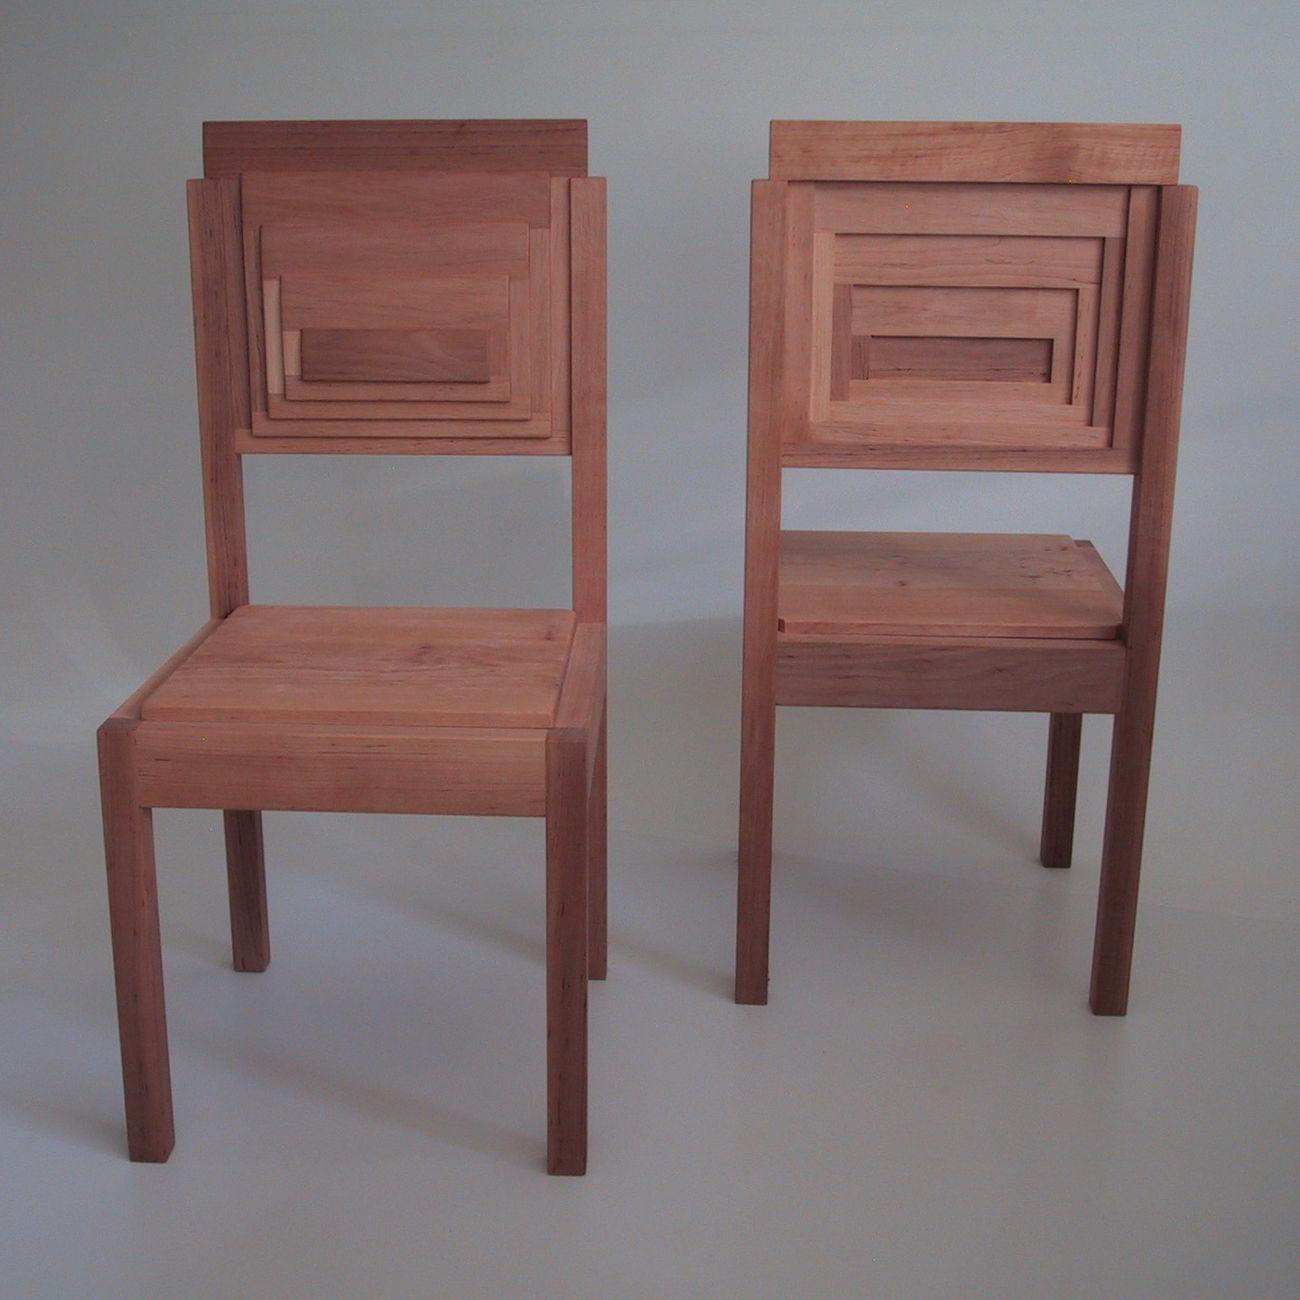 Design Stuhl von vorne und hinten aus Massivholz